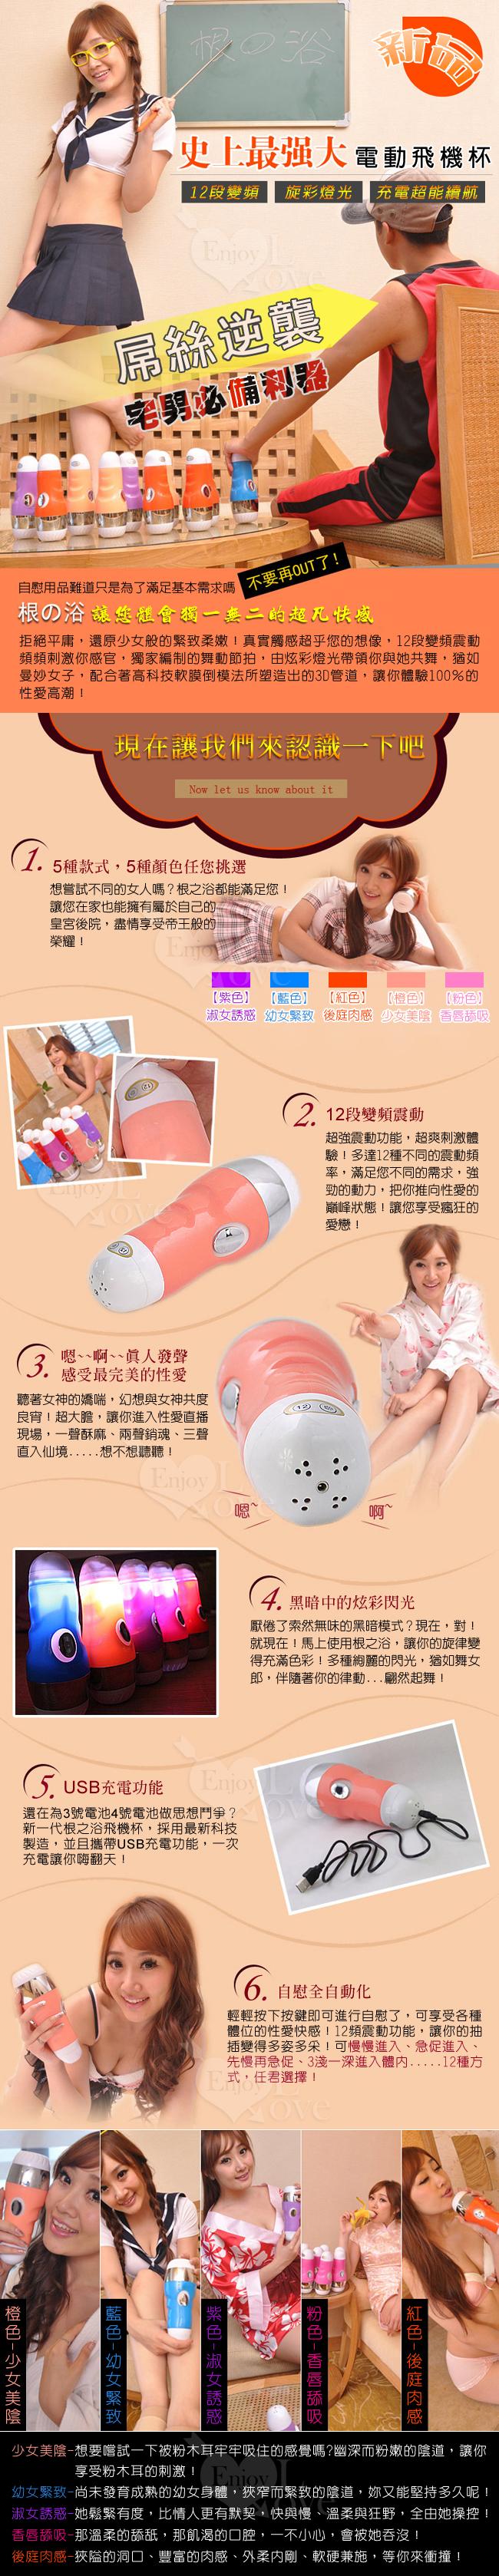 附圖2-根之浴•電動真人發音燈光飛機杯【橙色 - 少女美陰】